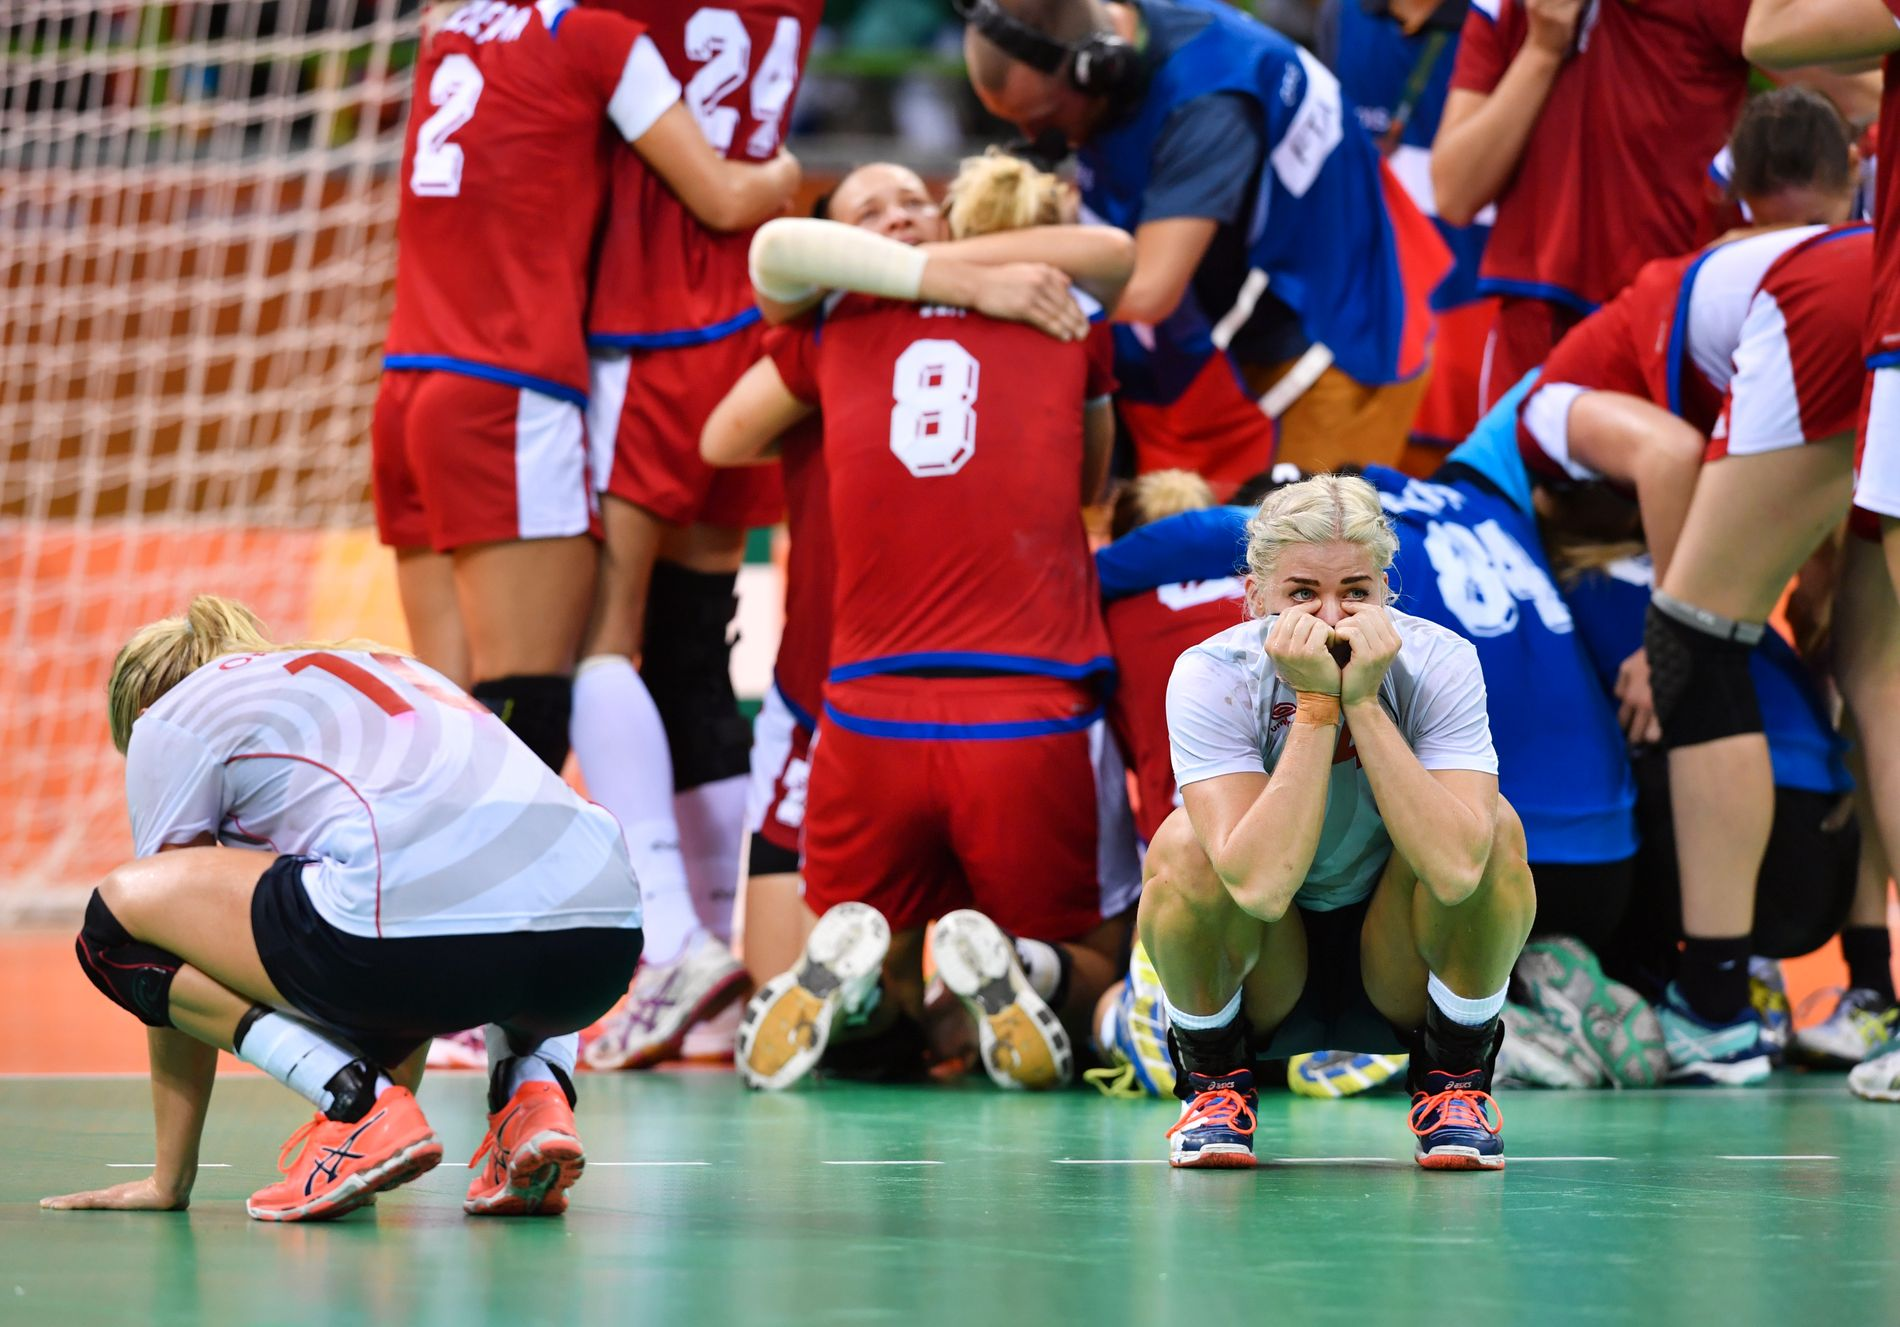 SØNDERKNUST: Stine Bredal Oftedal og Veronica Kristiansen fortviler etter kampen. I bakgrunnen jubler de russiske jentene for finaleplass.